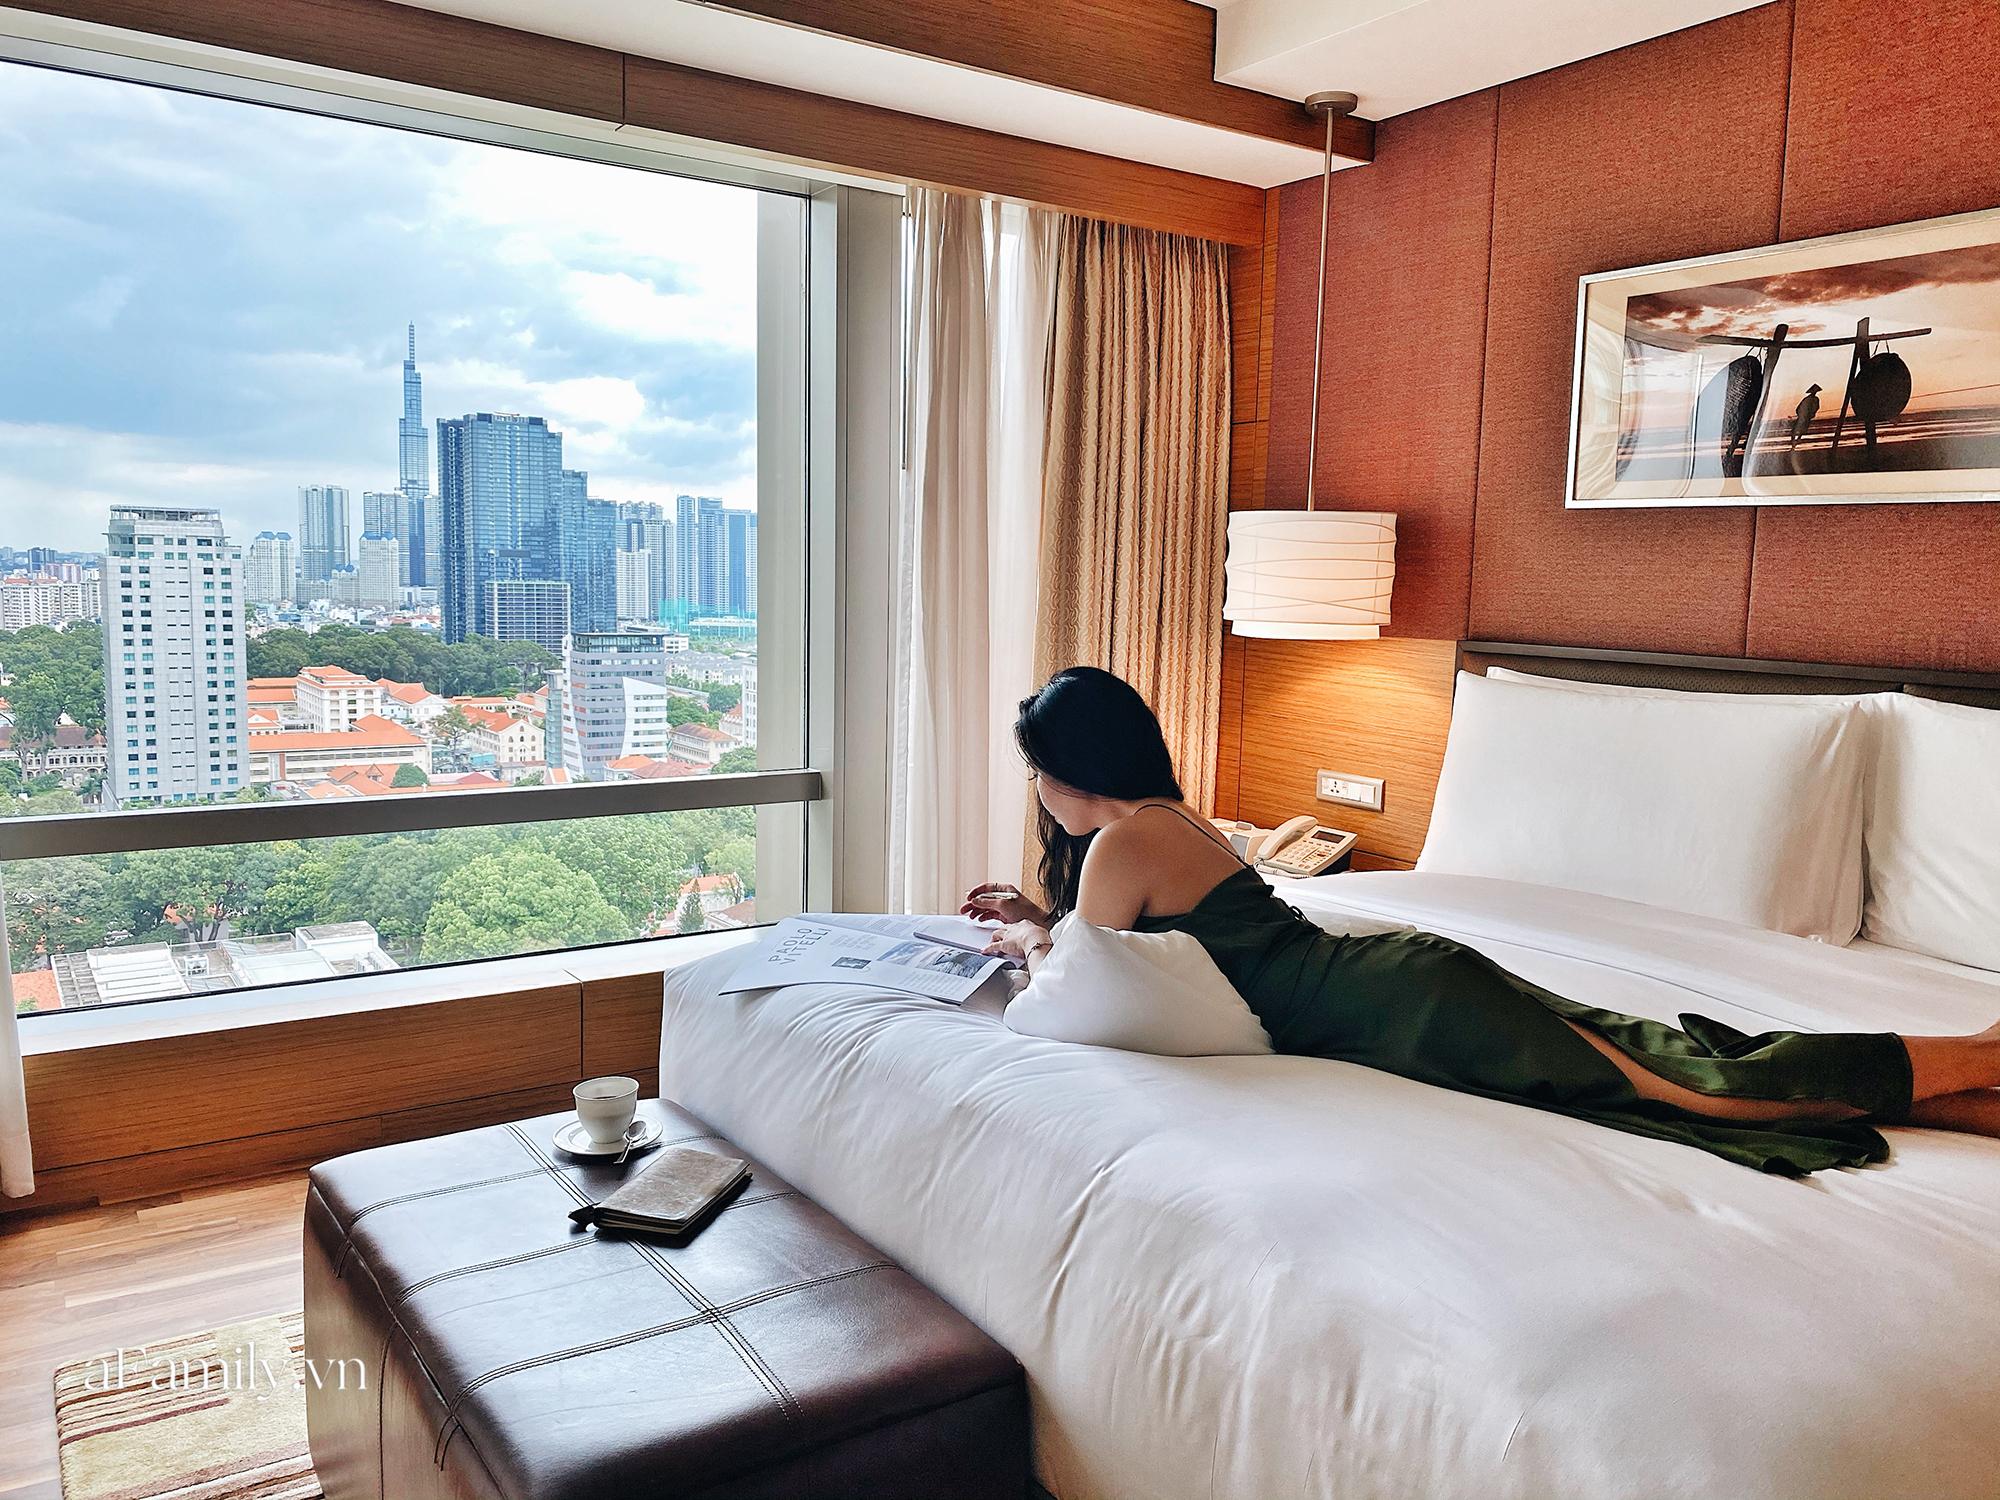 Vì sao giường khách sạn thường hào phóng bày tận 4 chiếc gối mà vẫn thiếu loại gối ôm dài, đây là câu trả lời - Ảnh 4.